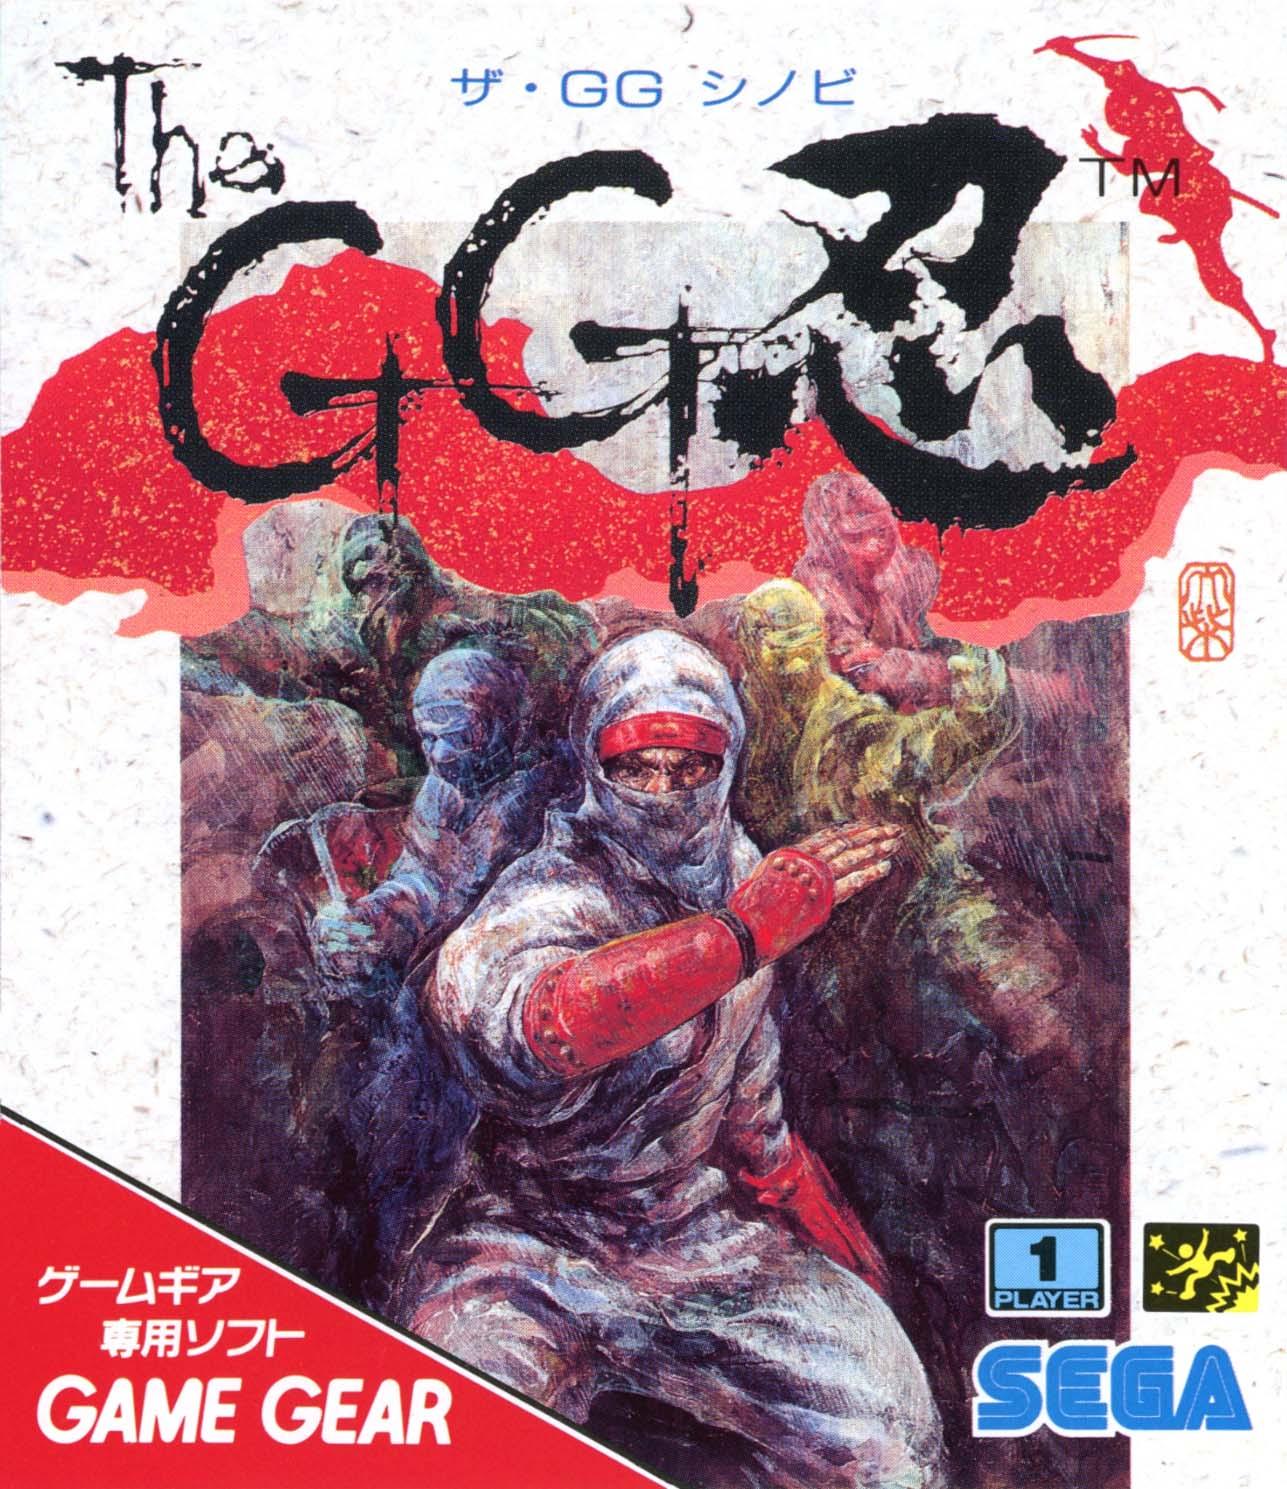 Game Gear Micro Red The G.G. Shinobi